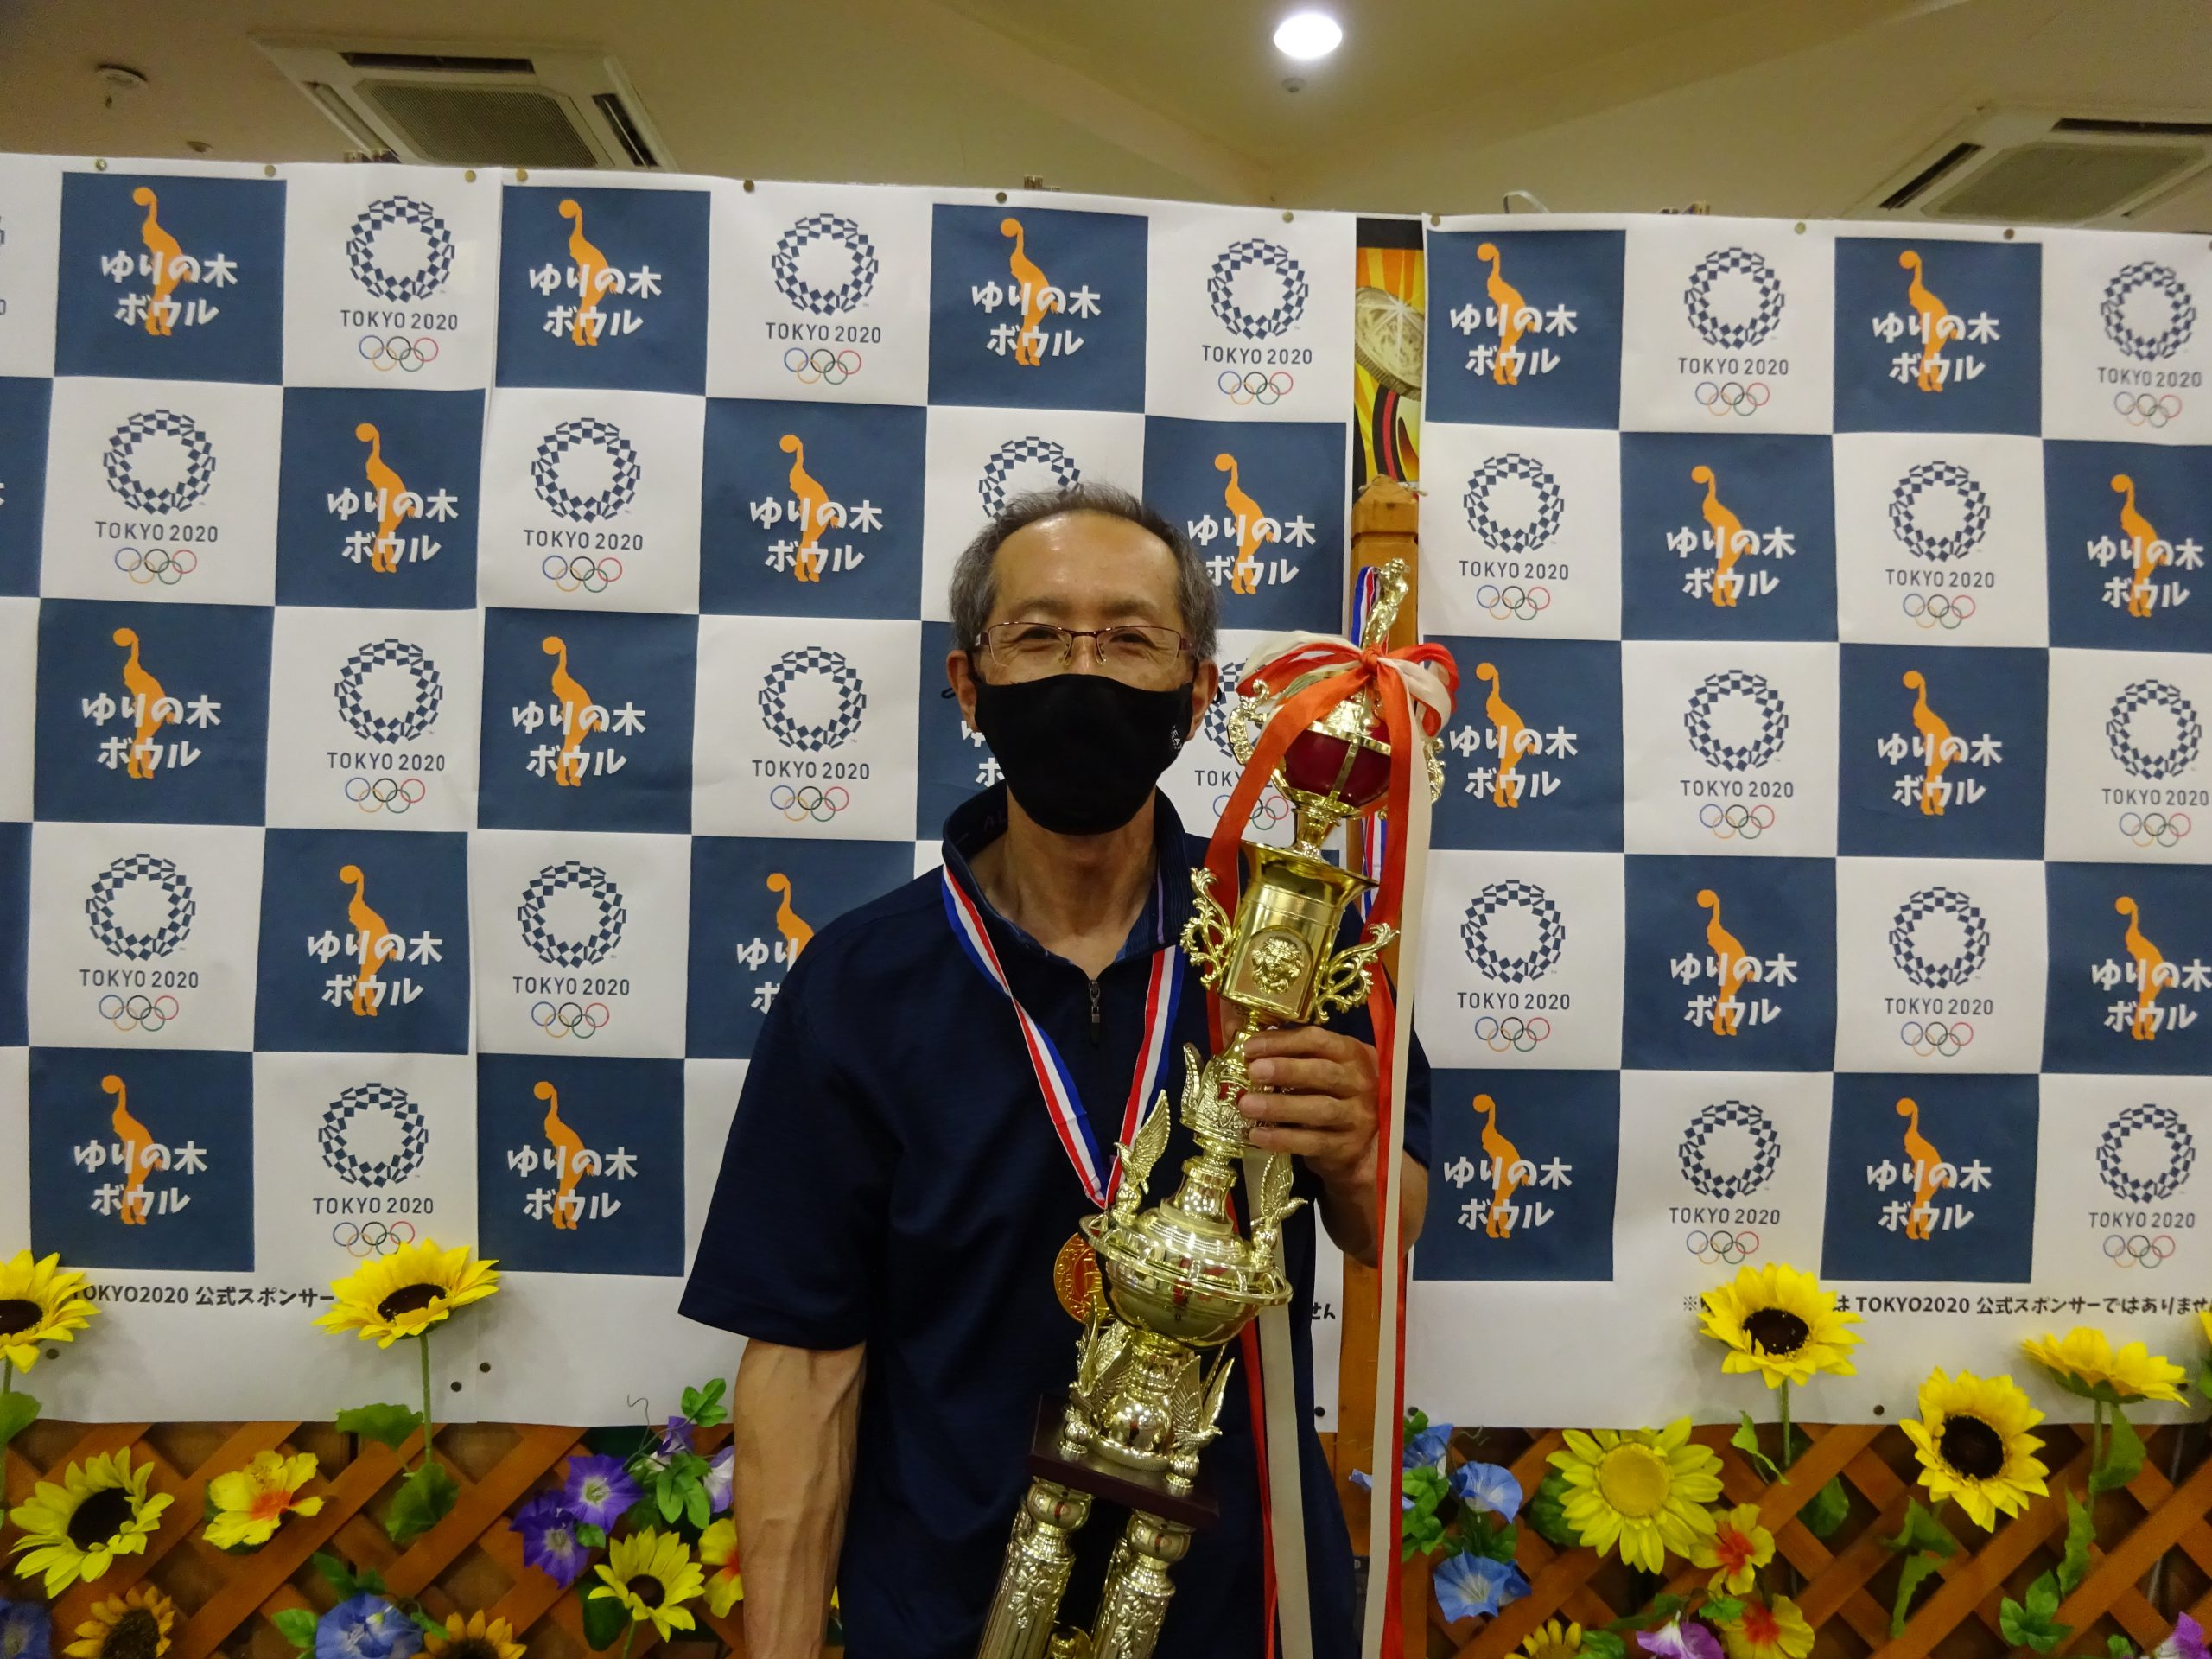 7月度マンスリーチャンピオン - 嵯峨 武志選手